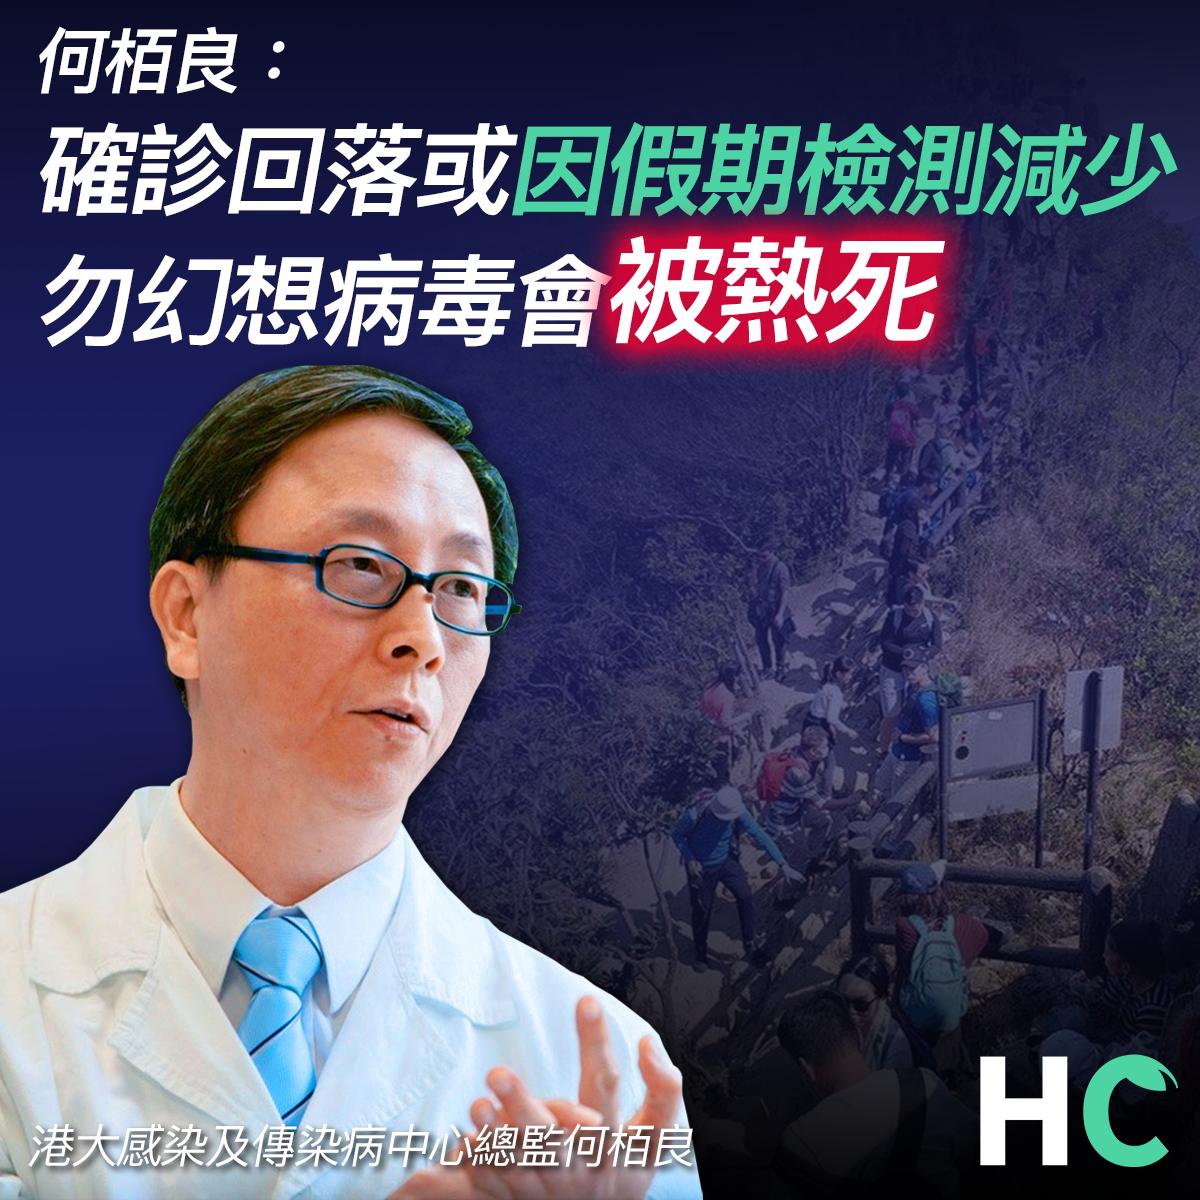 【#武漢肺炎】何栢良:確診回落或因假期檢測減少 勿幻想病毒會被熱死